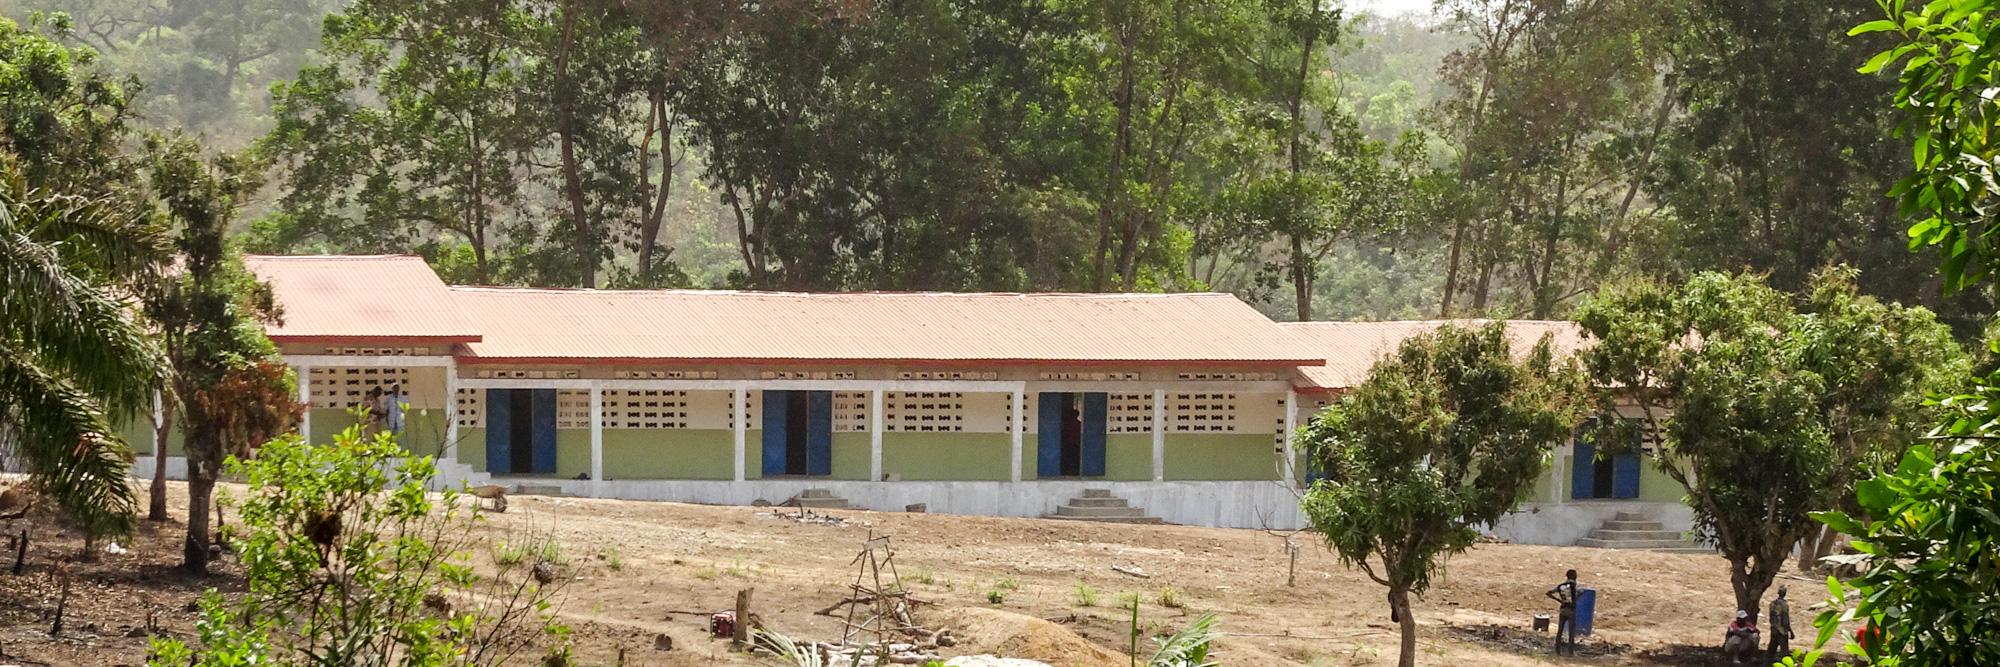 Berufsschule Télimélé